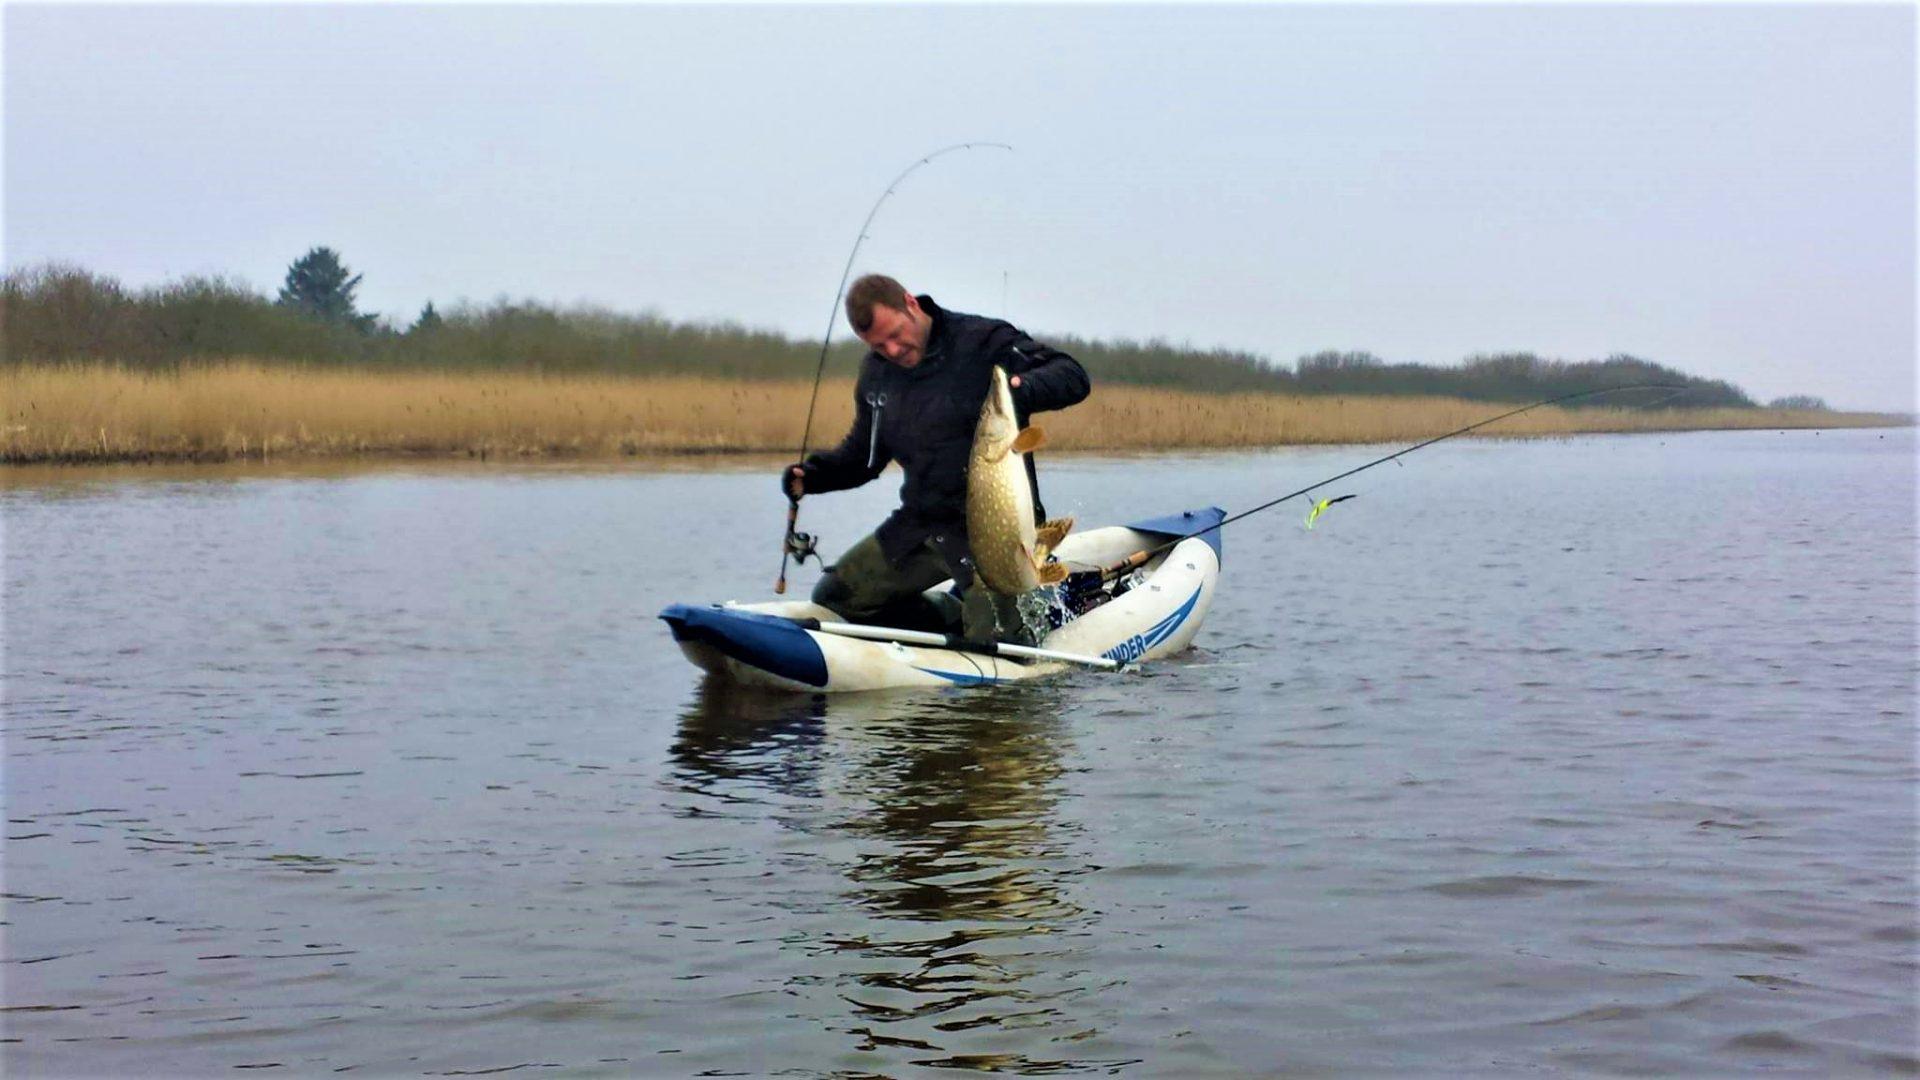 Acttionfyldt geddefiskeri fra oppustelig kajak.